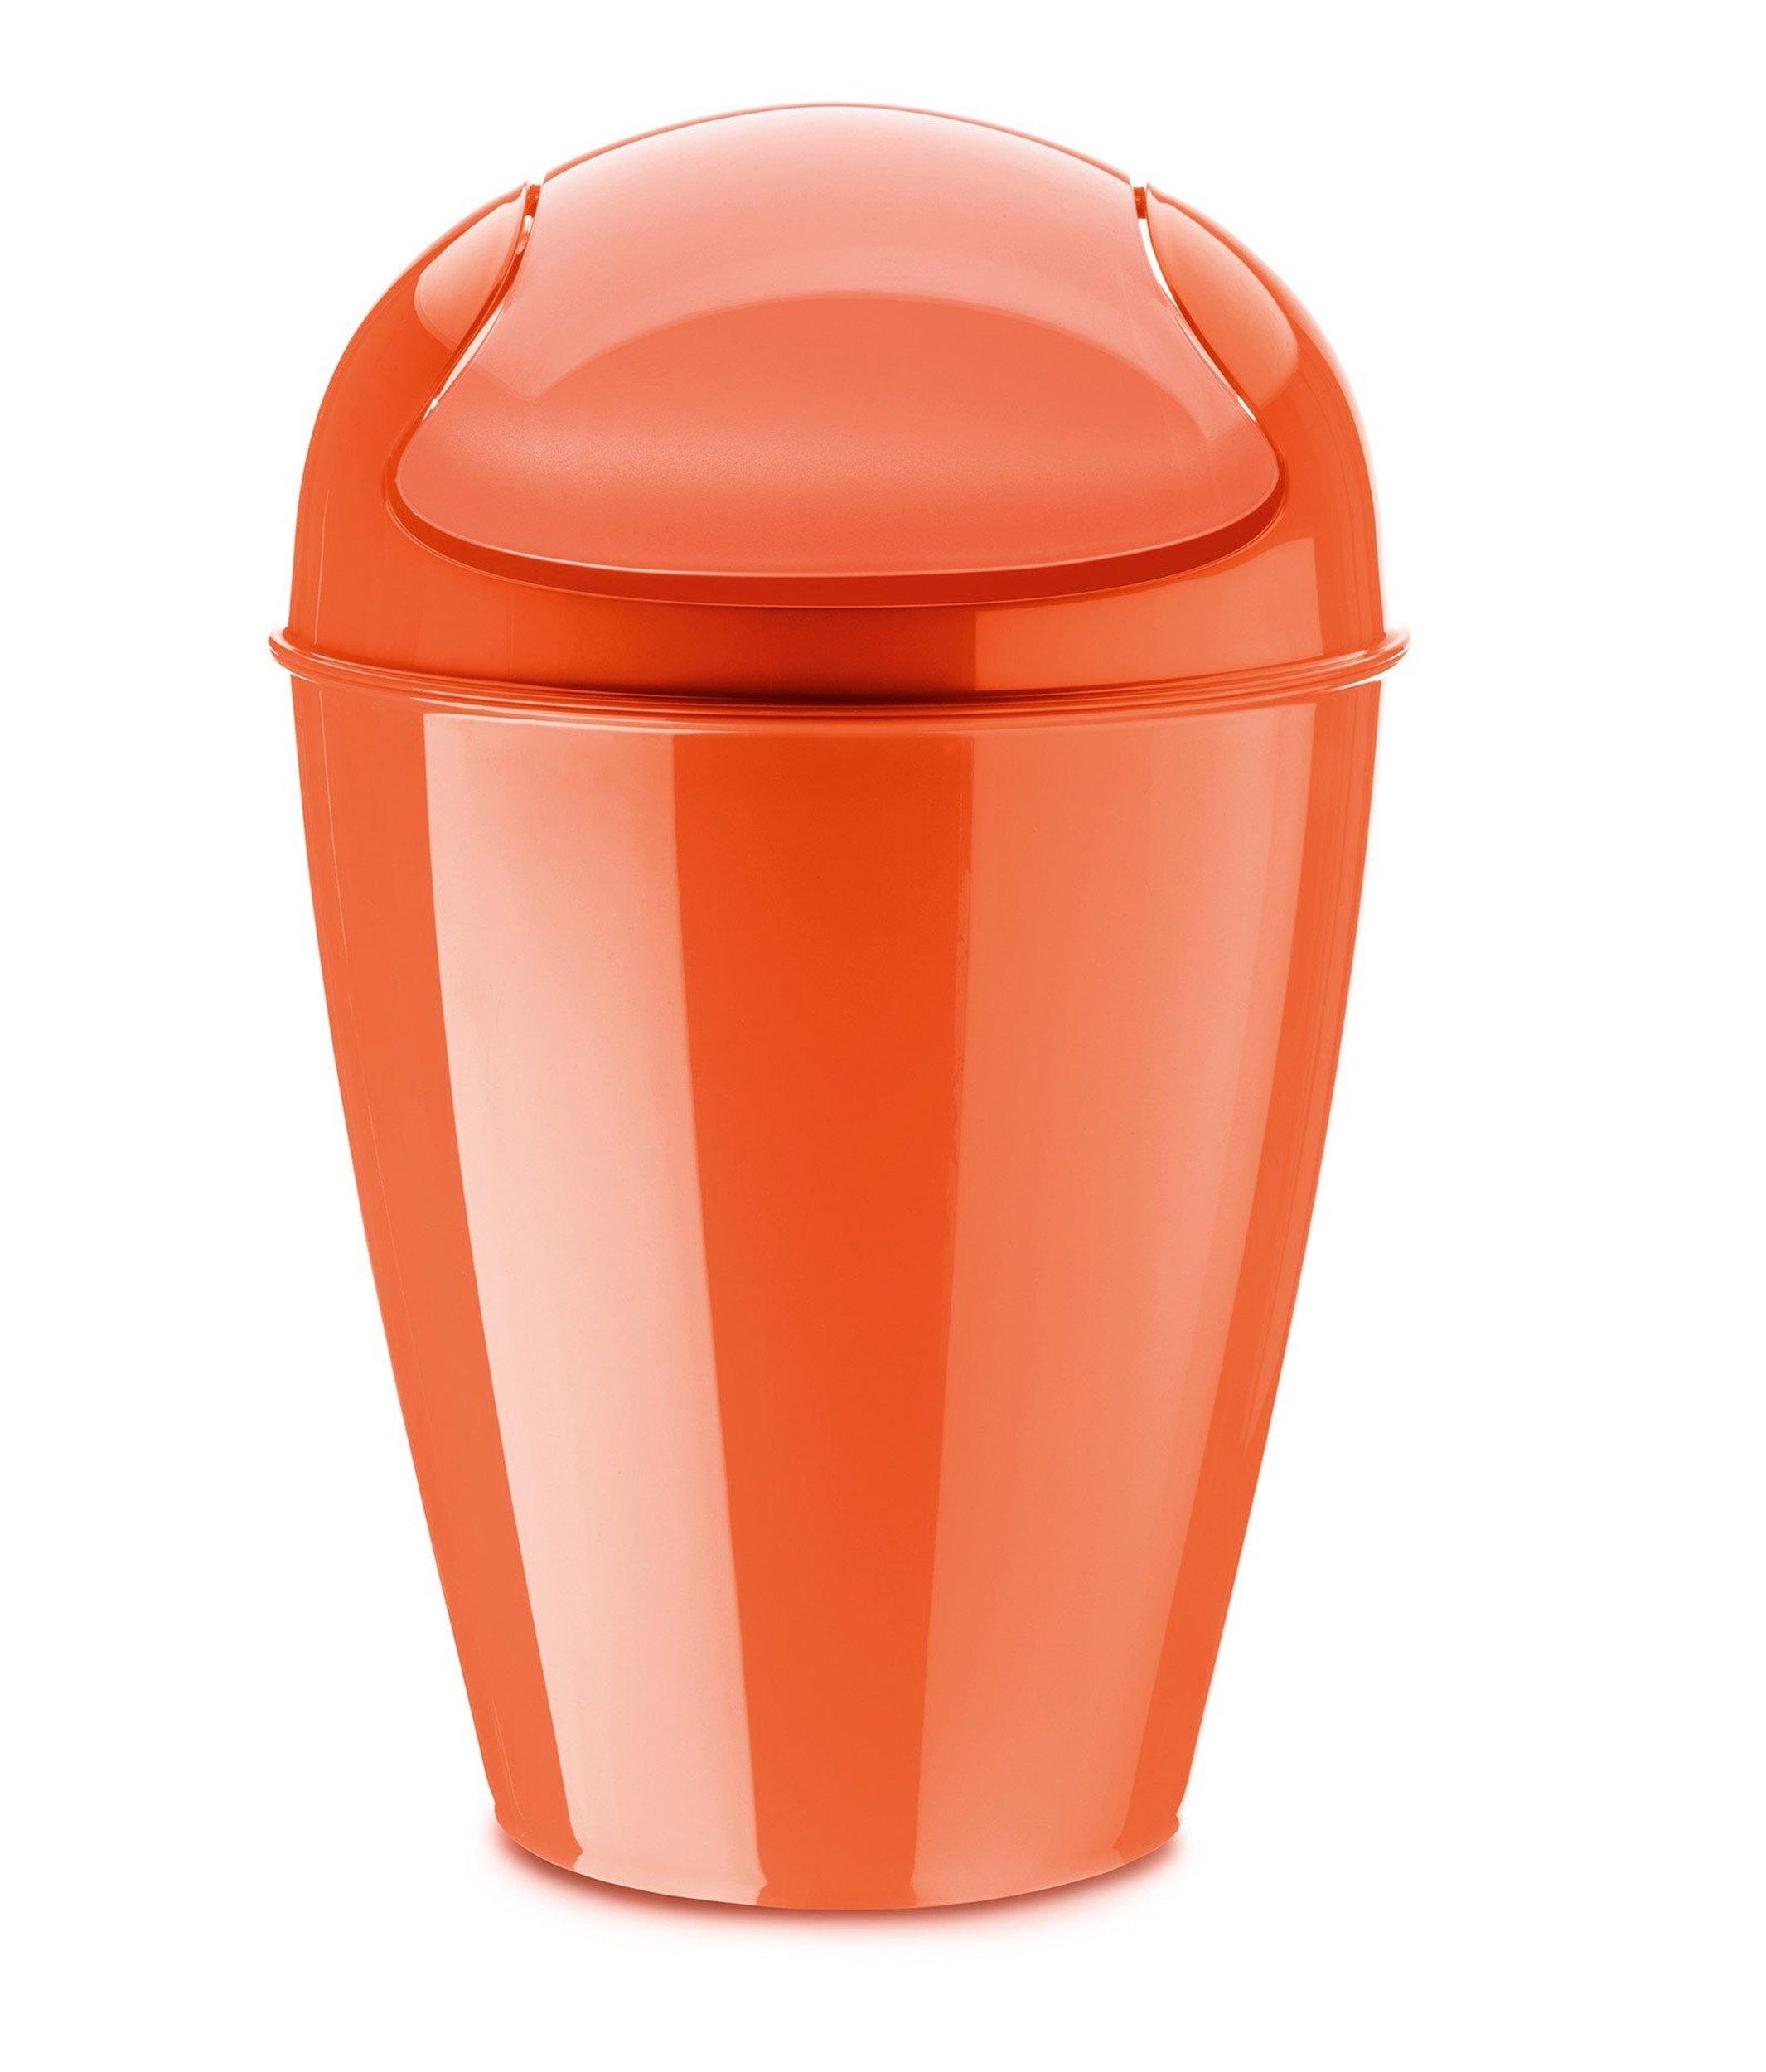 Kosz na śmieci Del S pomarańczowoczerwony